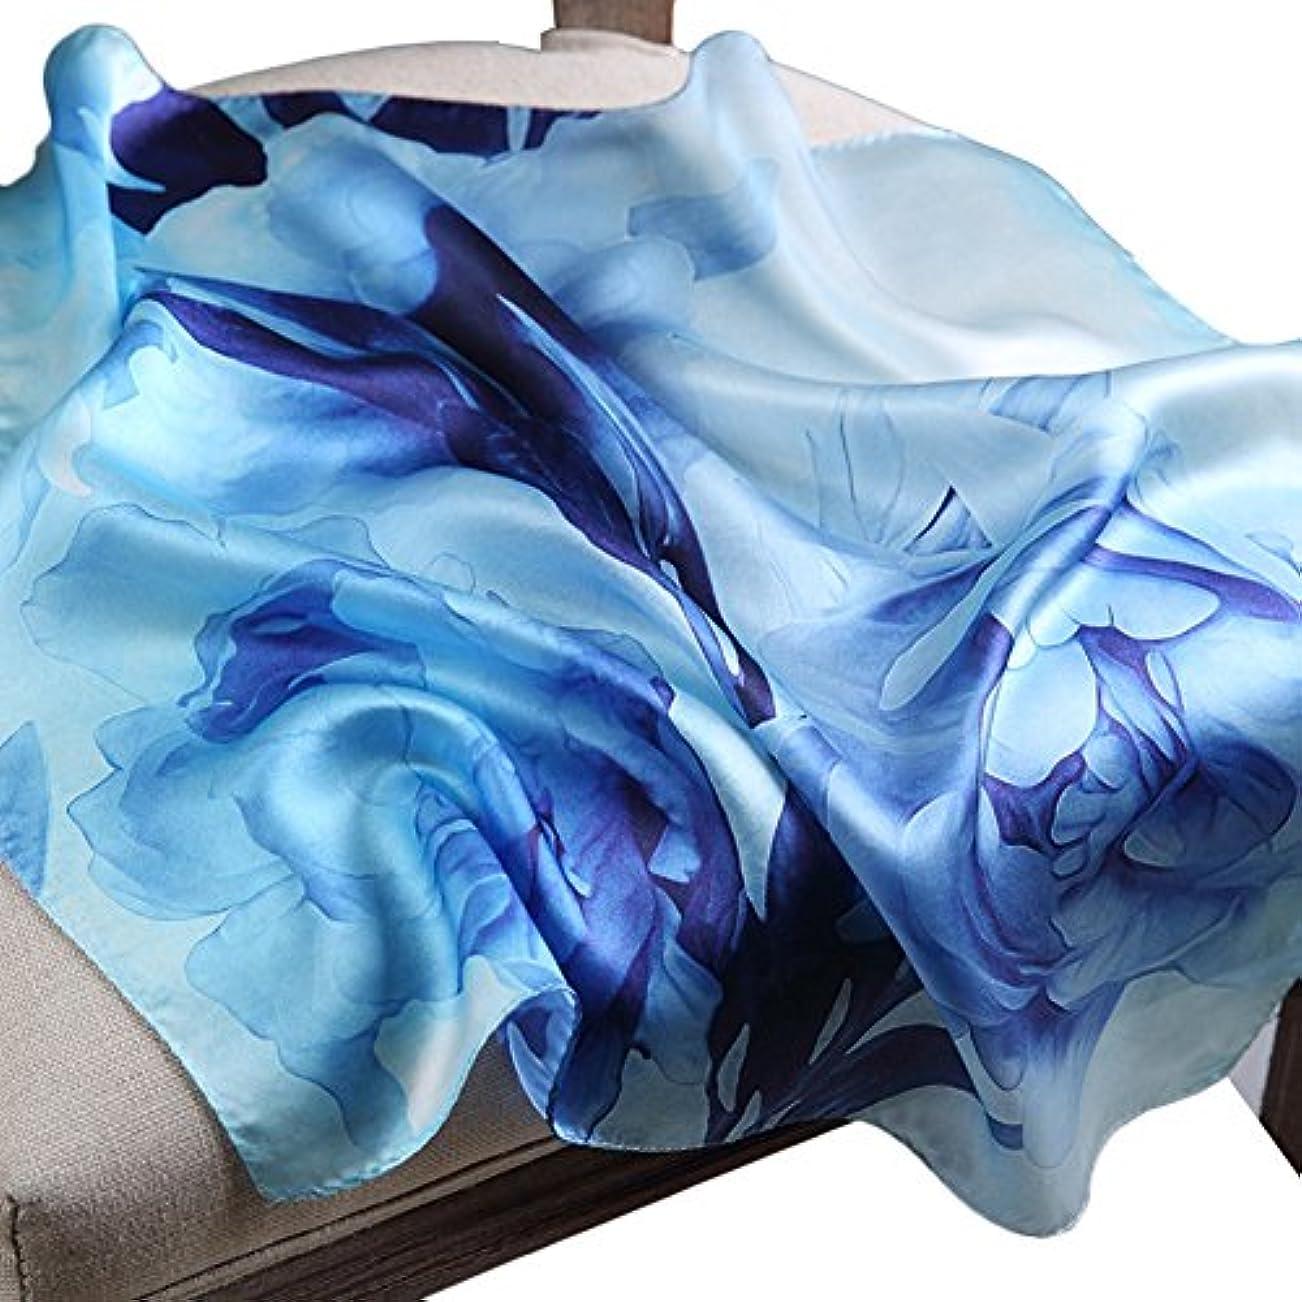 長いです五月慎重に[スゴフィ]SGFY レディース スカーフ シルク 風 調 スカーフ 50cm 角正方形 大判正方形 スカーフ 贈り物 ギフト 母の日 プレゼント ネッカチーフ オフィススカーフ (D5)